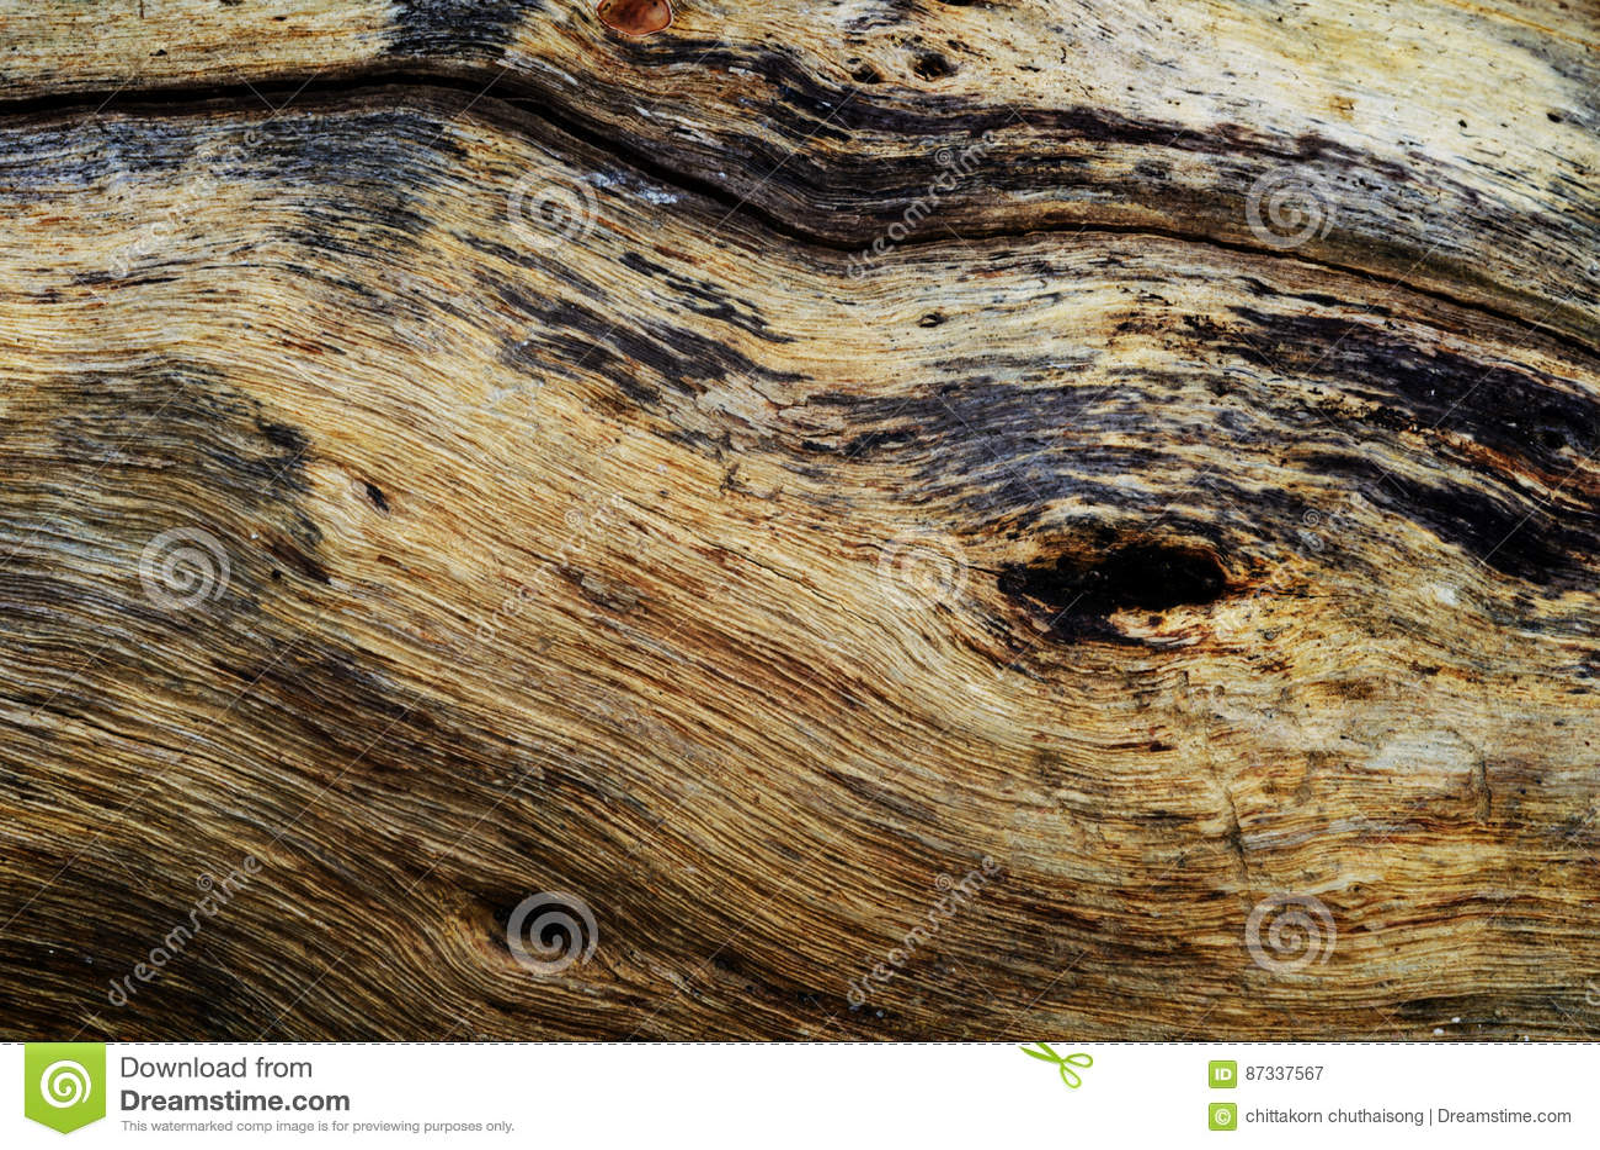 För kupatextur för bakgrund brunt trä brun trätextur med naturligt smattrande